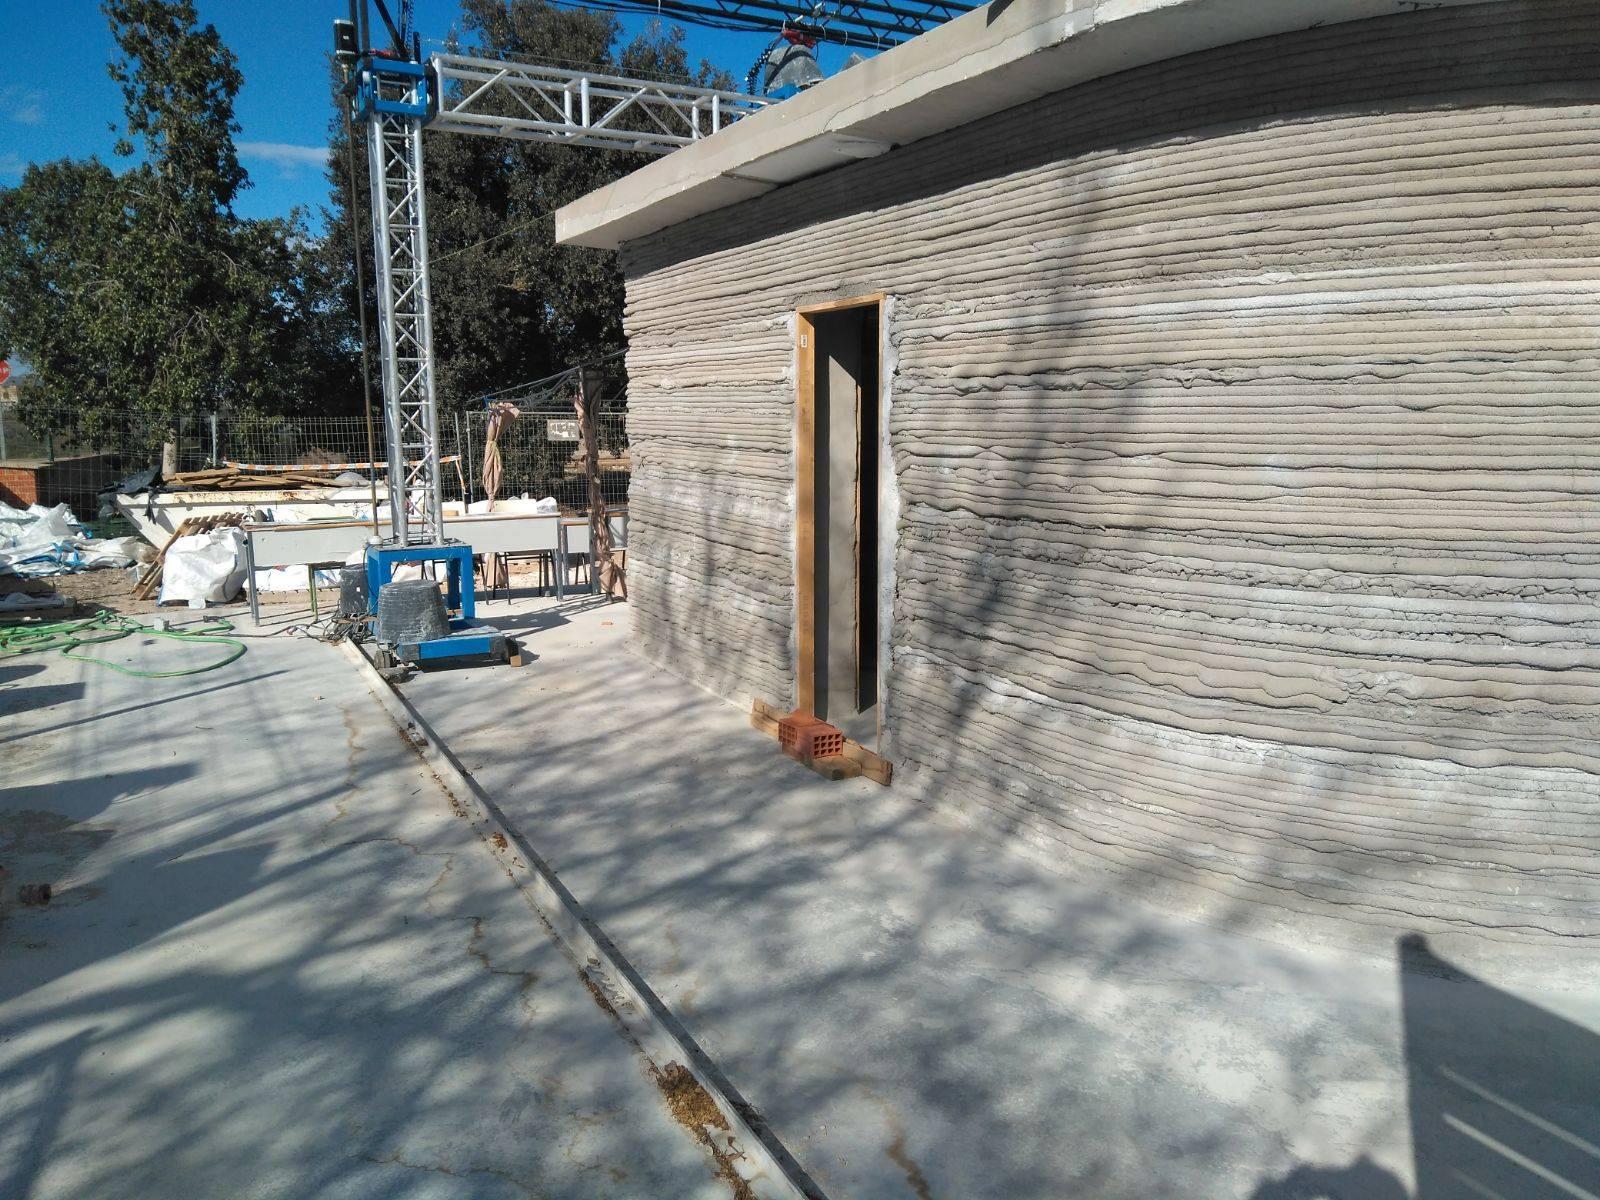 スペインのスタートアップ企業が3Dプリント住宅を12時間で建設